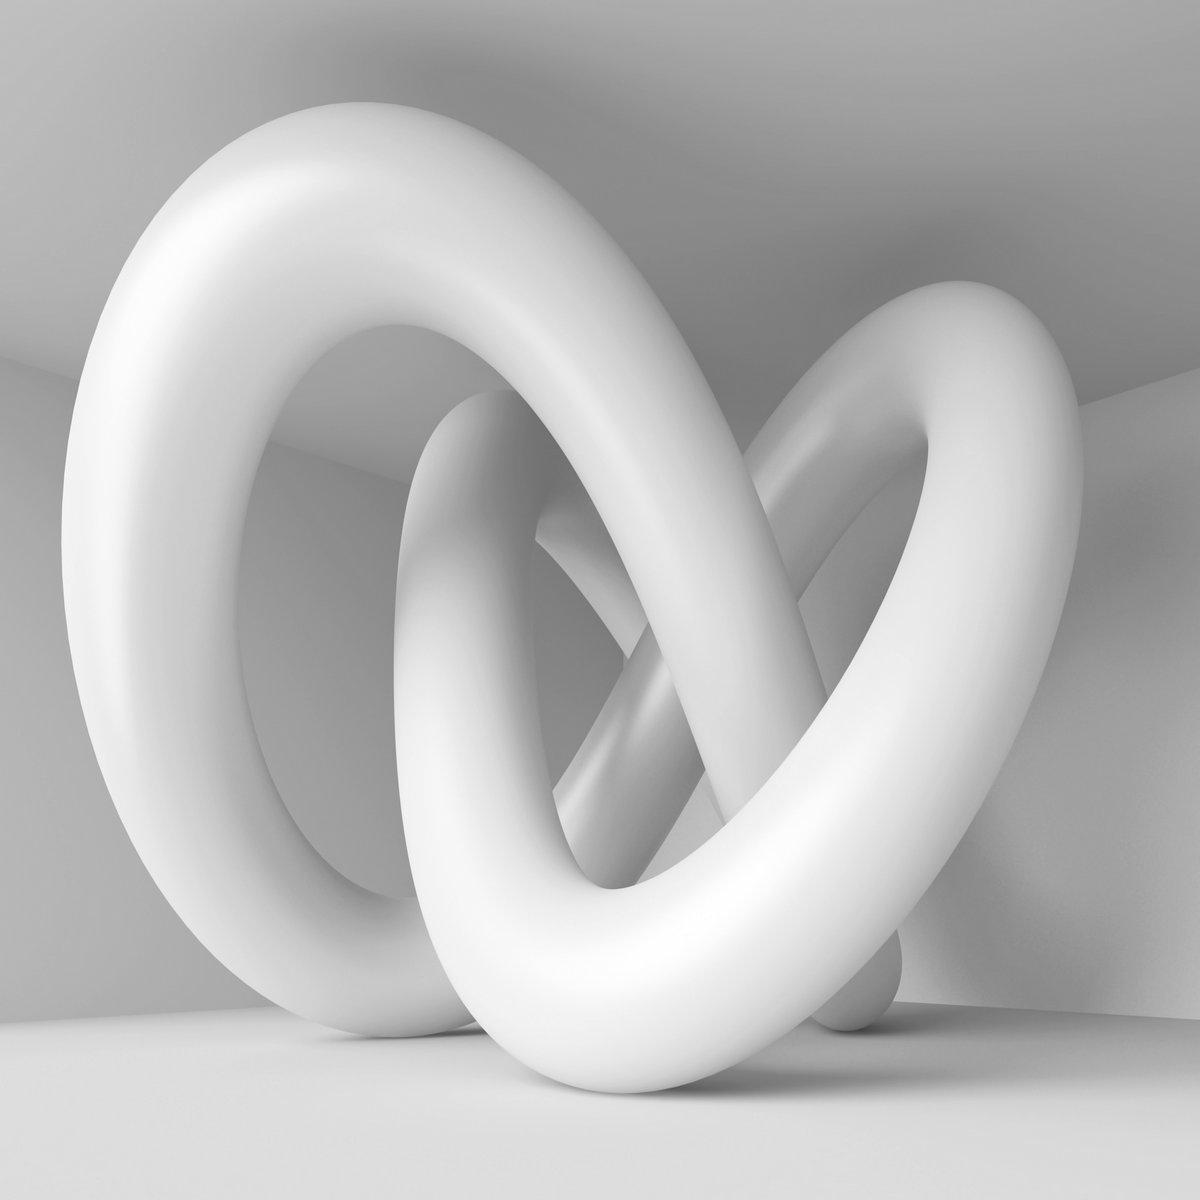 Постер-картина Минимализм Концептуальная Архитектура ДизайнМинимализм<br>Постер на холсте или бумаге. Любого нужного вам размера. В раме или без. Подвес в комплекте. Трехслойная надежная упаковка. Доставим в любую точку России. Вам осталось только повесить картину на стену!<br>